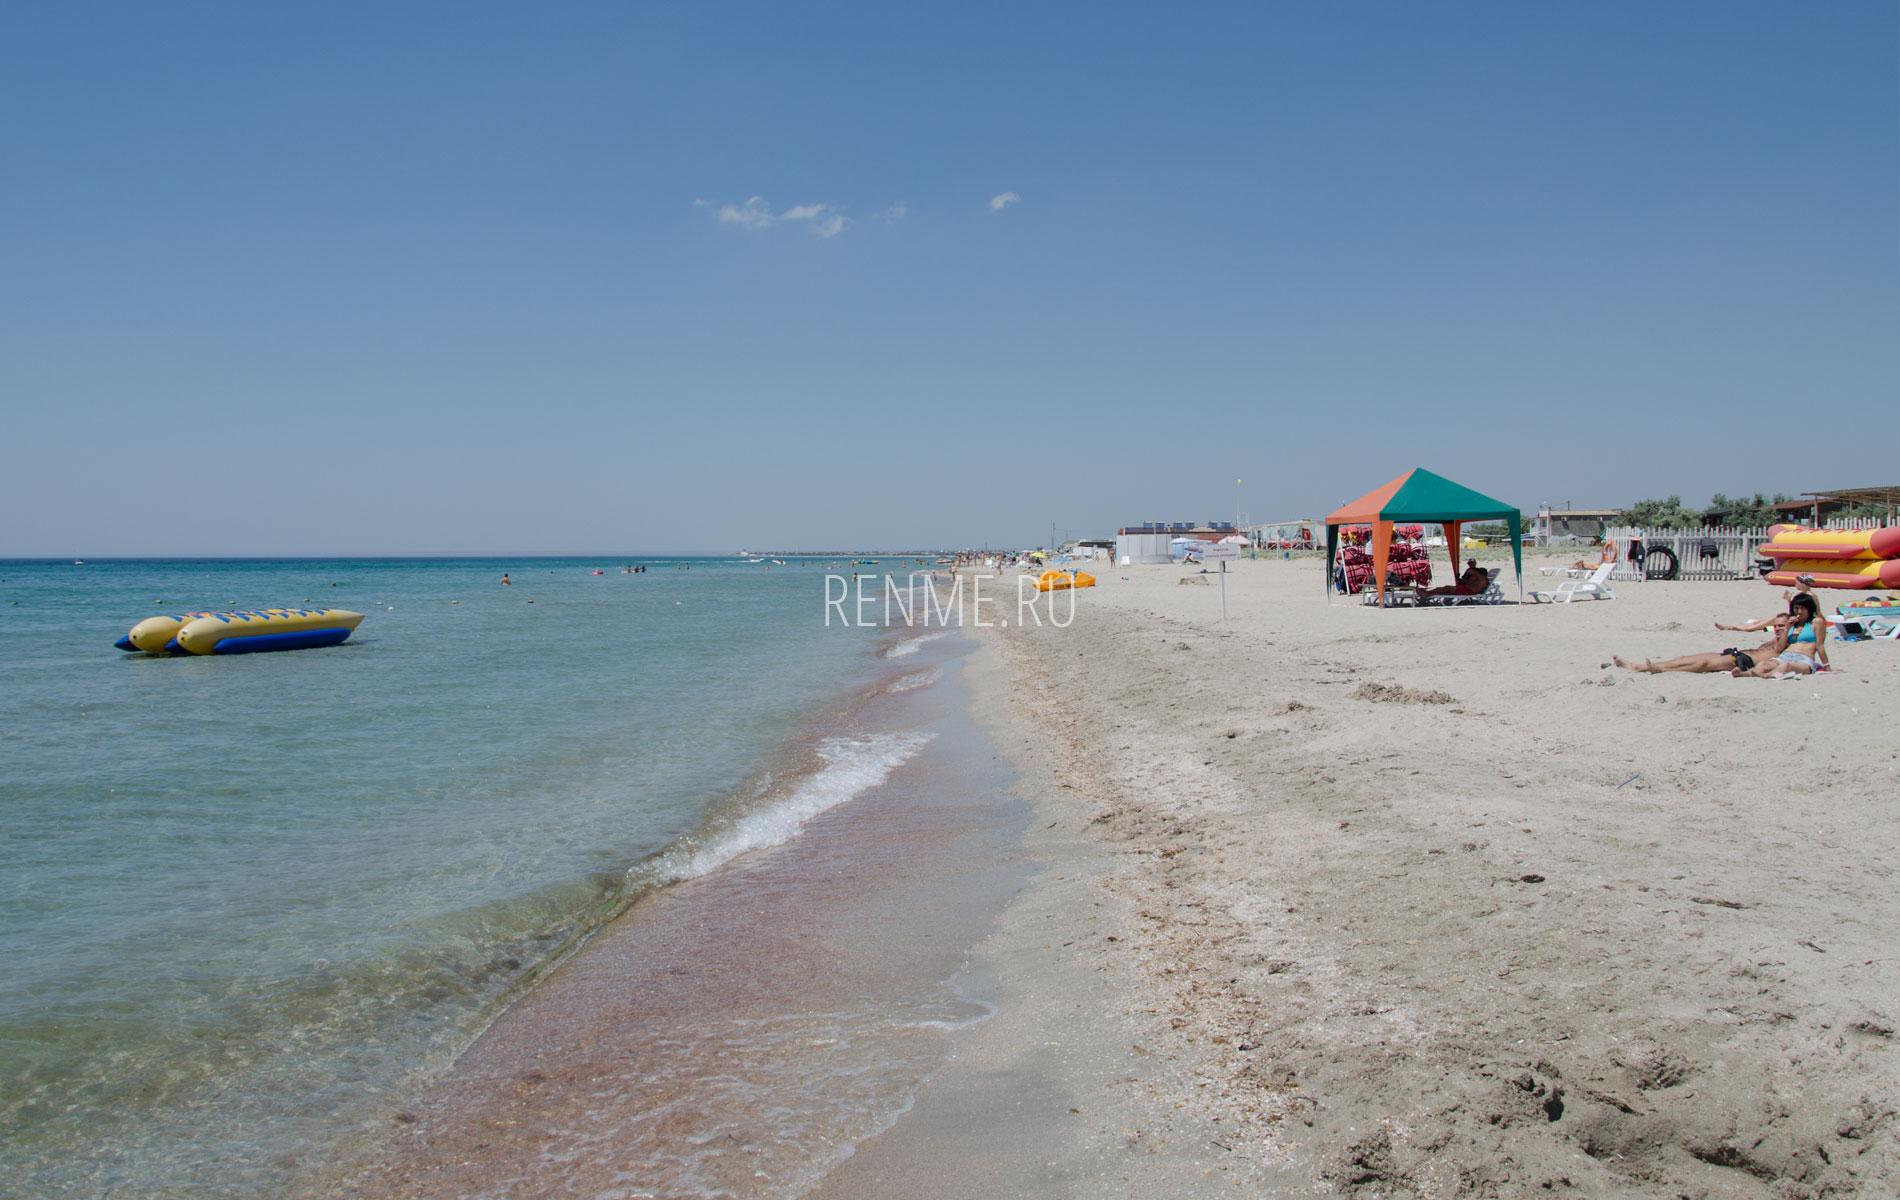 Песчаный пляж и море в Штормовом. Фото Штормового